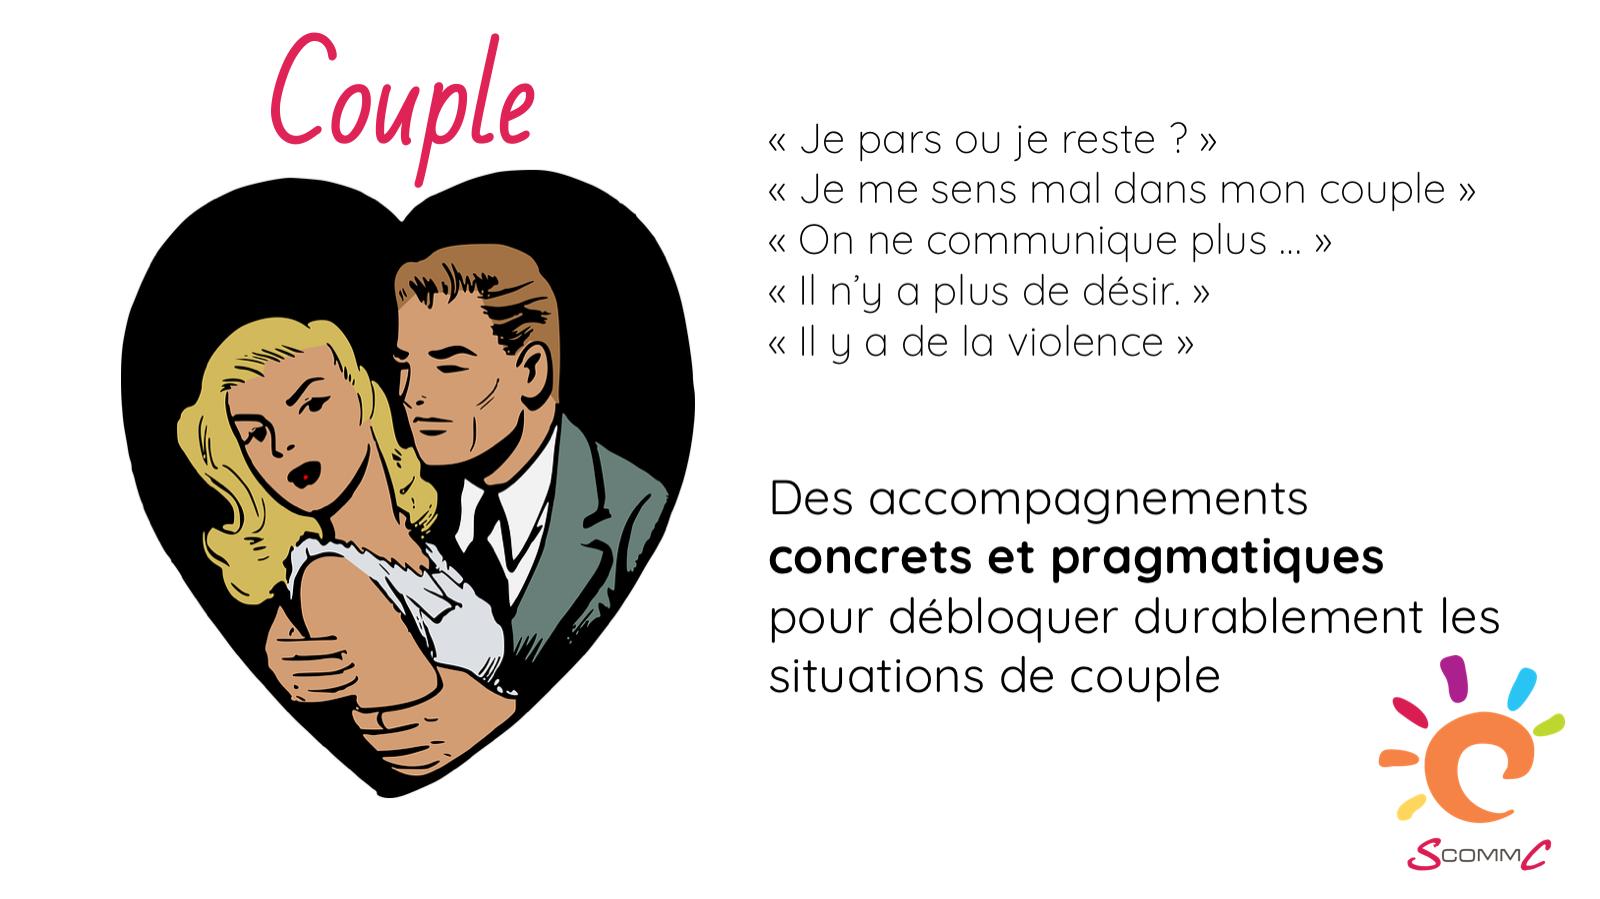 Accompagnements de couple